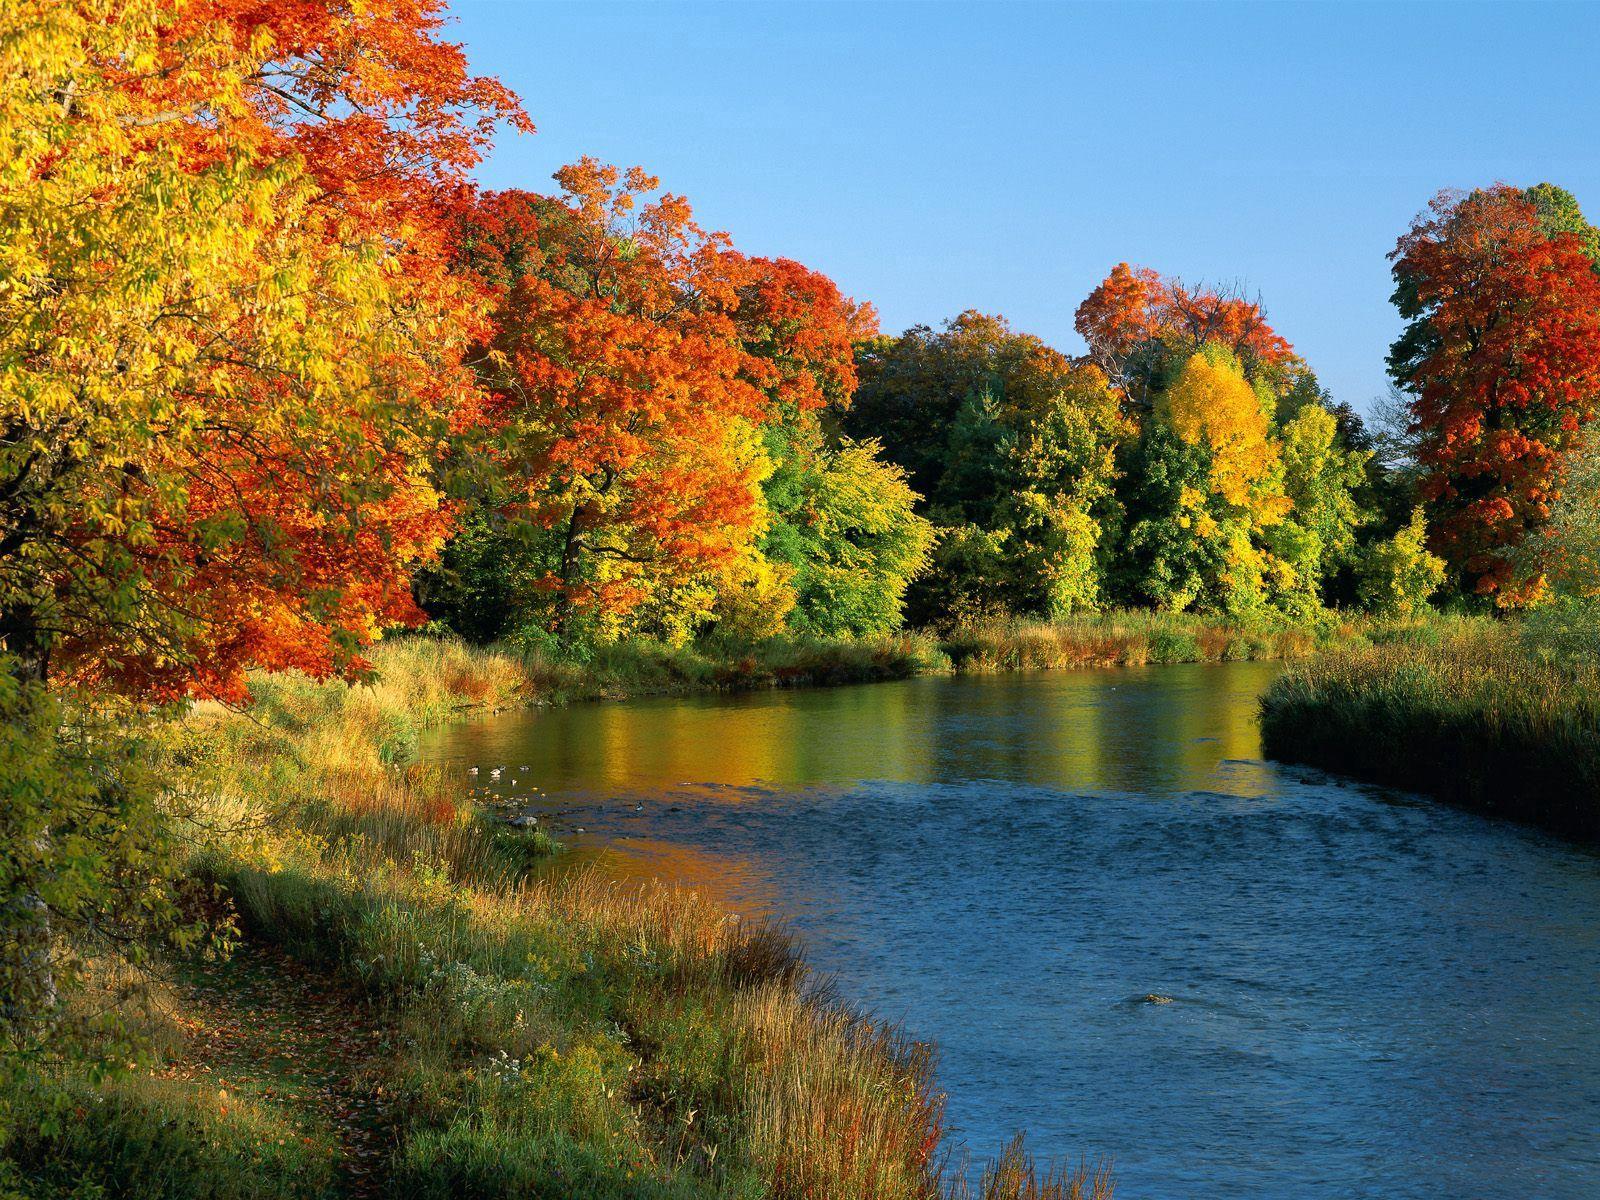 151059 скачать обои Осень, Природа, Деревья, Река, Течение - заставки и картинки бесплатно